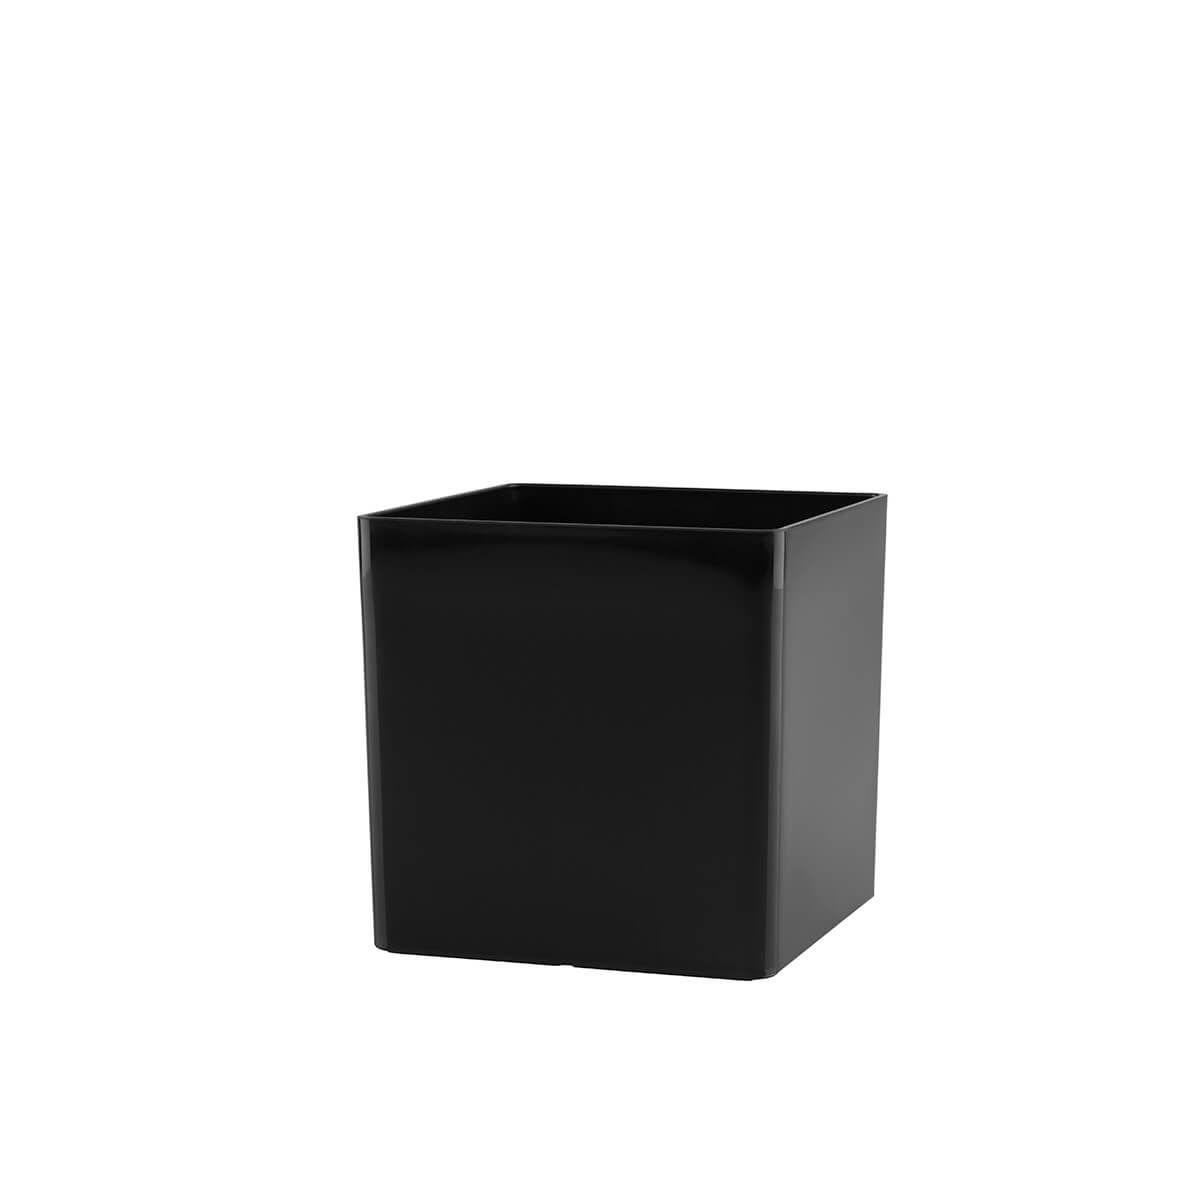 Vaso Cubo 10 x 10 cm Preto Vasart